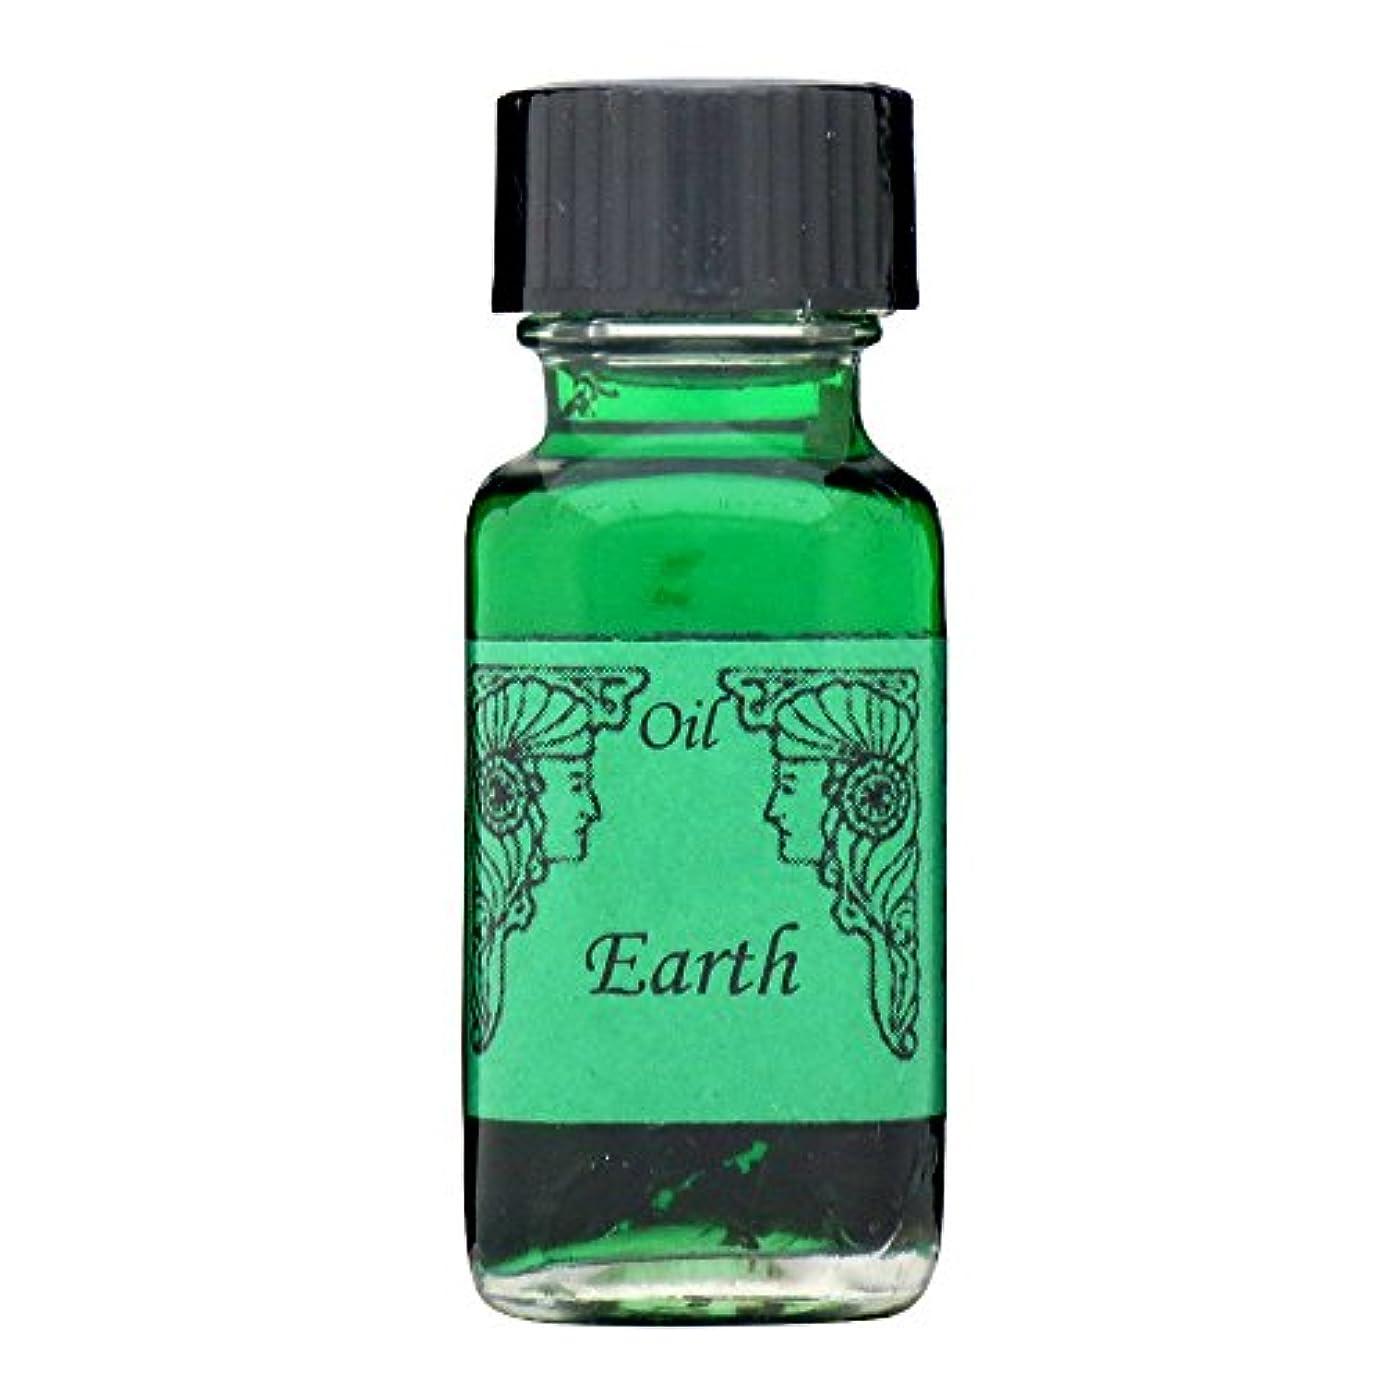 債務者予防接種花弁アンシェントメモリーオイル アース (地) 15ml (Ancient Memory Oils)